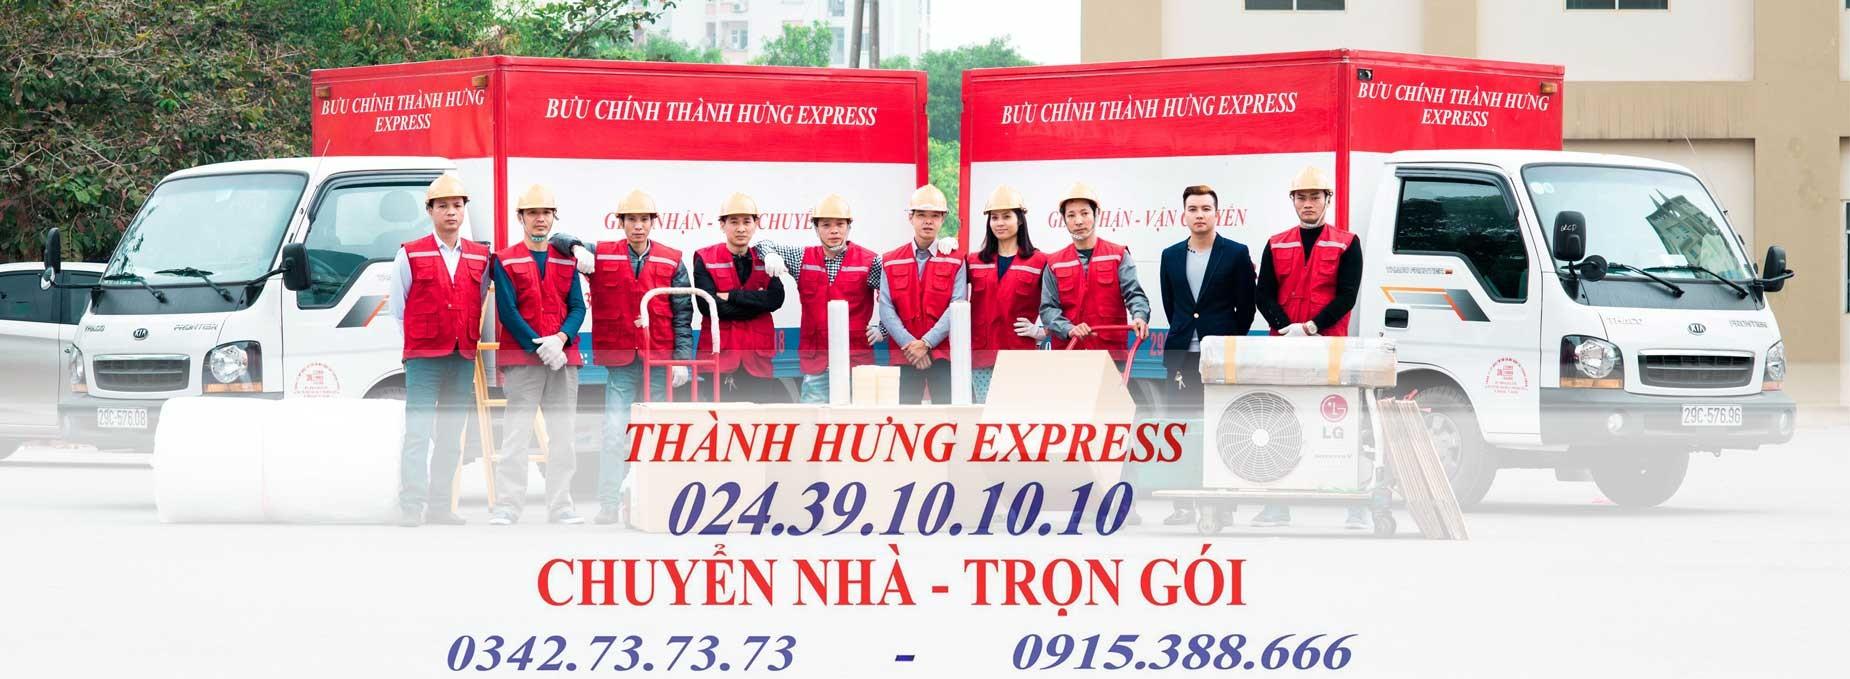 Dịch vụ chuyển nhà Hà Nội (@vantaithanhhung@mastodon.social)